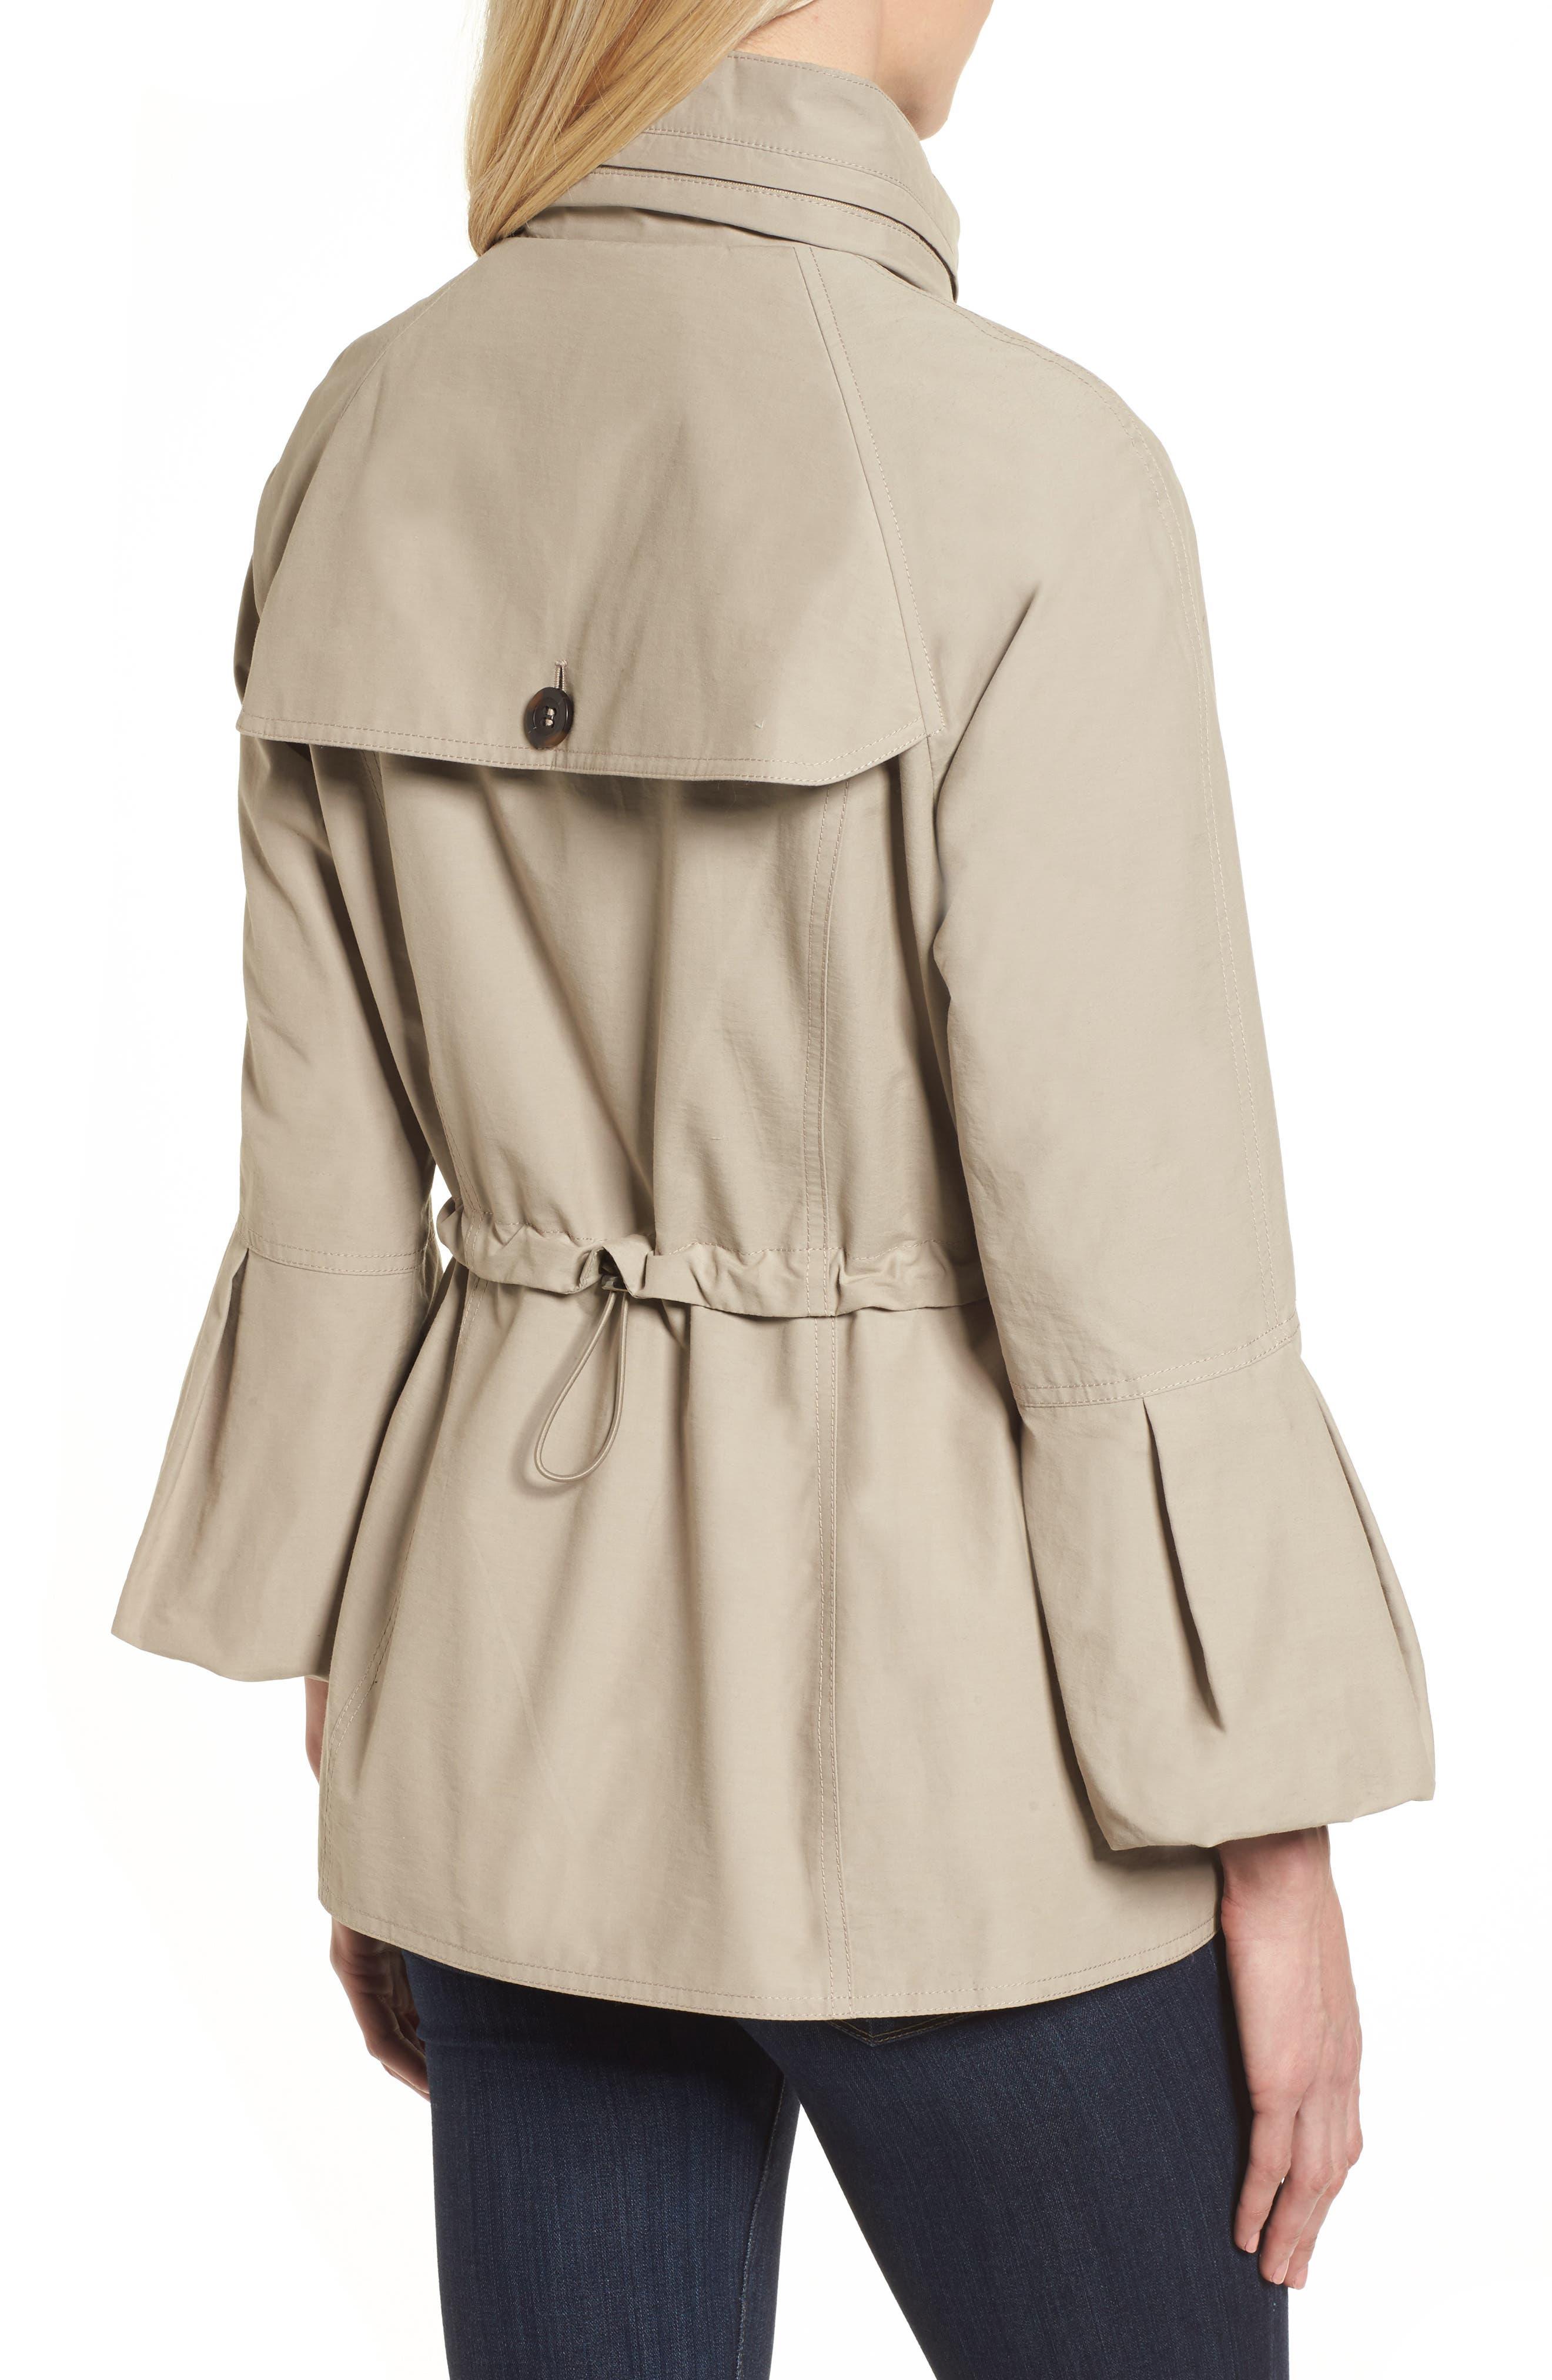 Alternate Image 2  - Gallery Bell Sleeve Jacket with Stowaway Hood